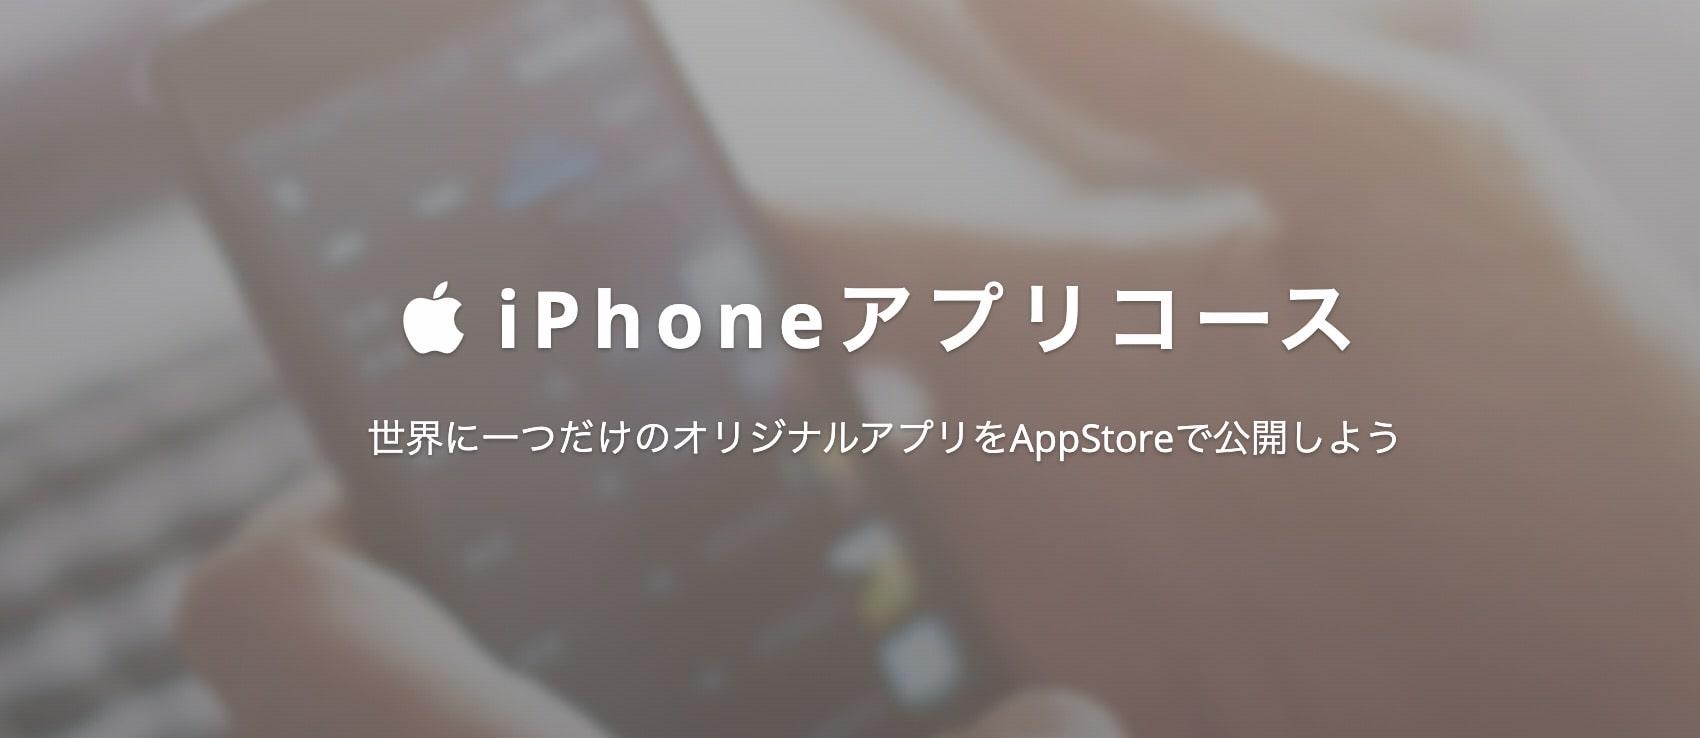 TechAcademy(テックアカデミー)のiPhoneアプリコースの概要